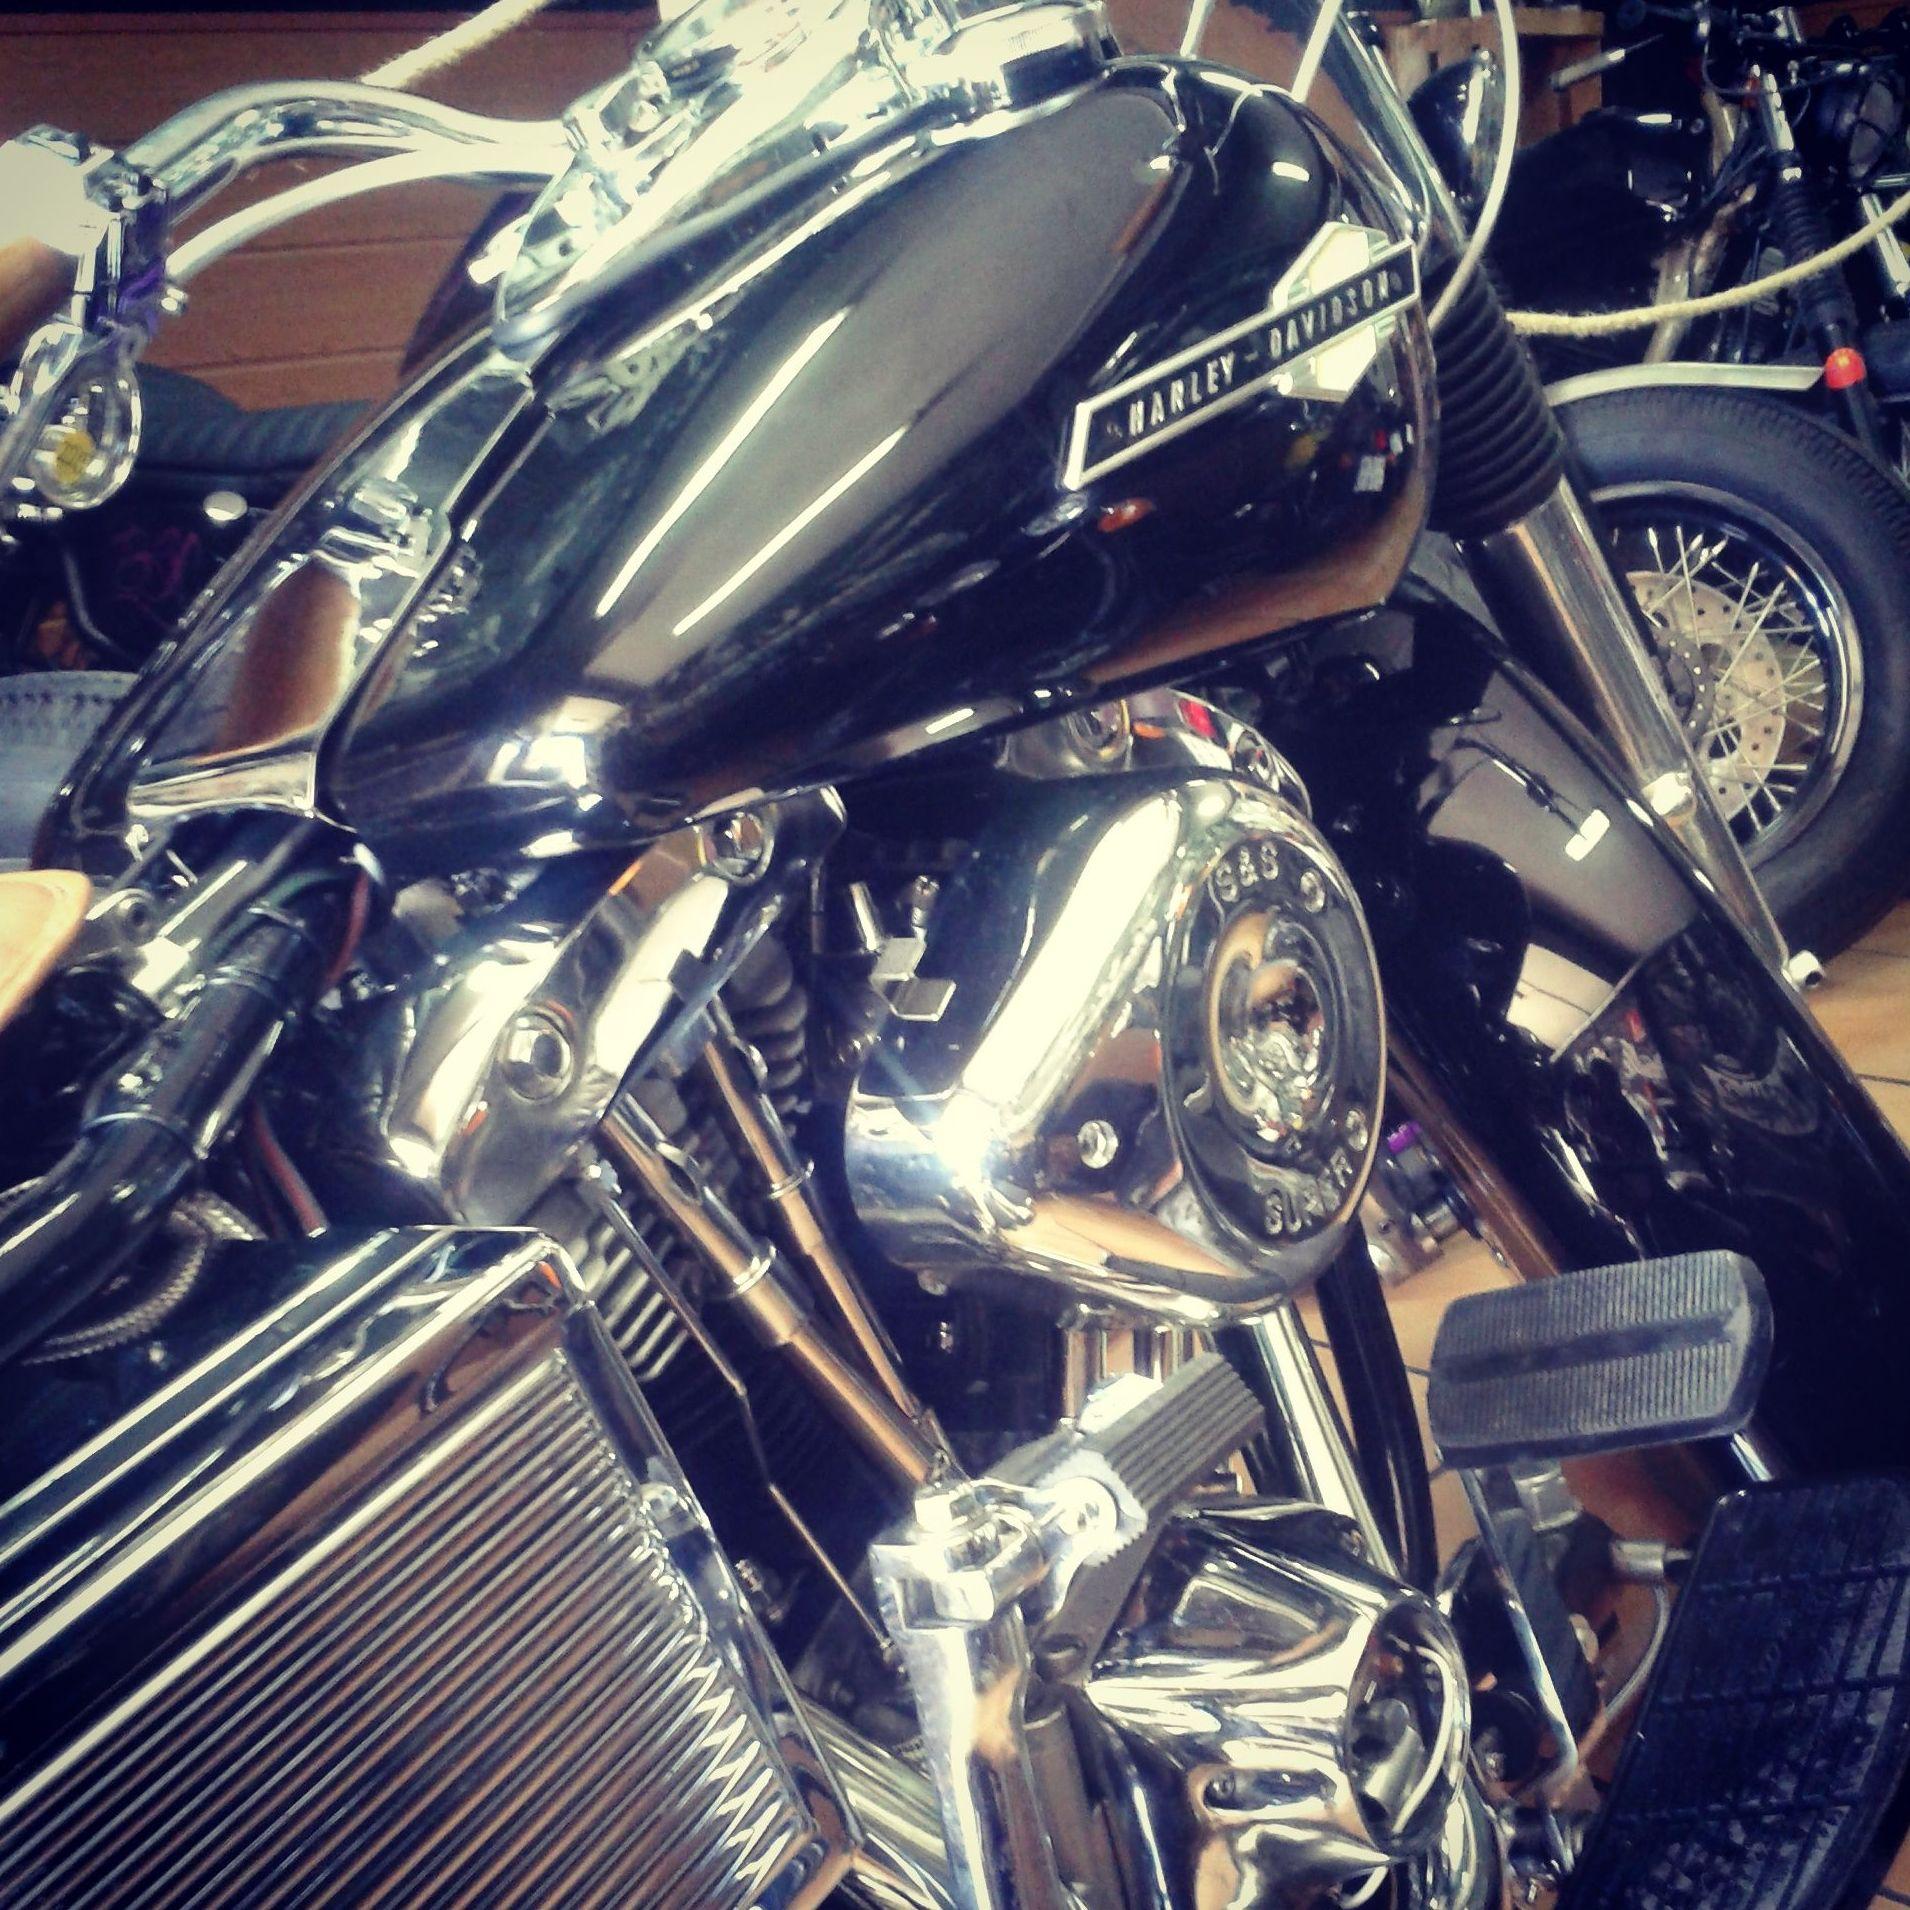 custonozar motos, harley davidson, shovelhead, venta harley davidson shovelhead, restauracion motos